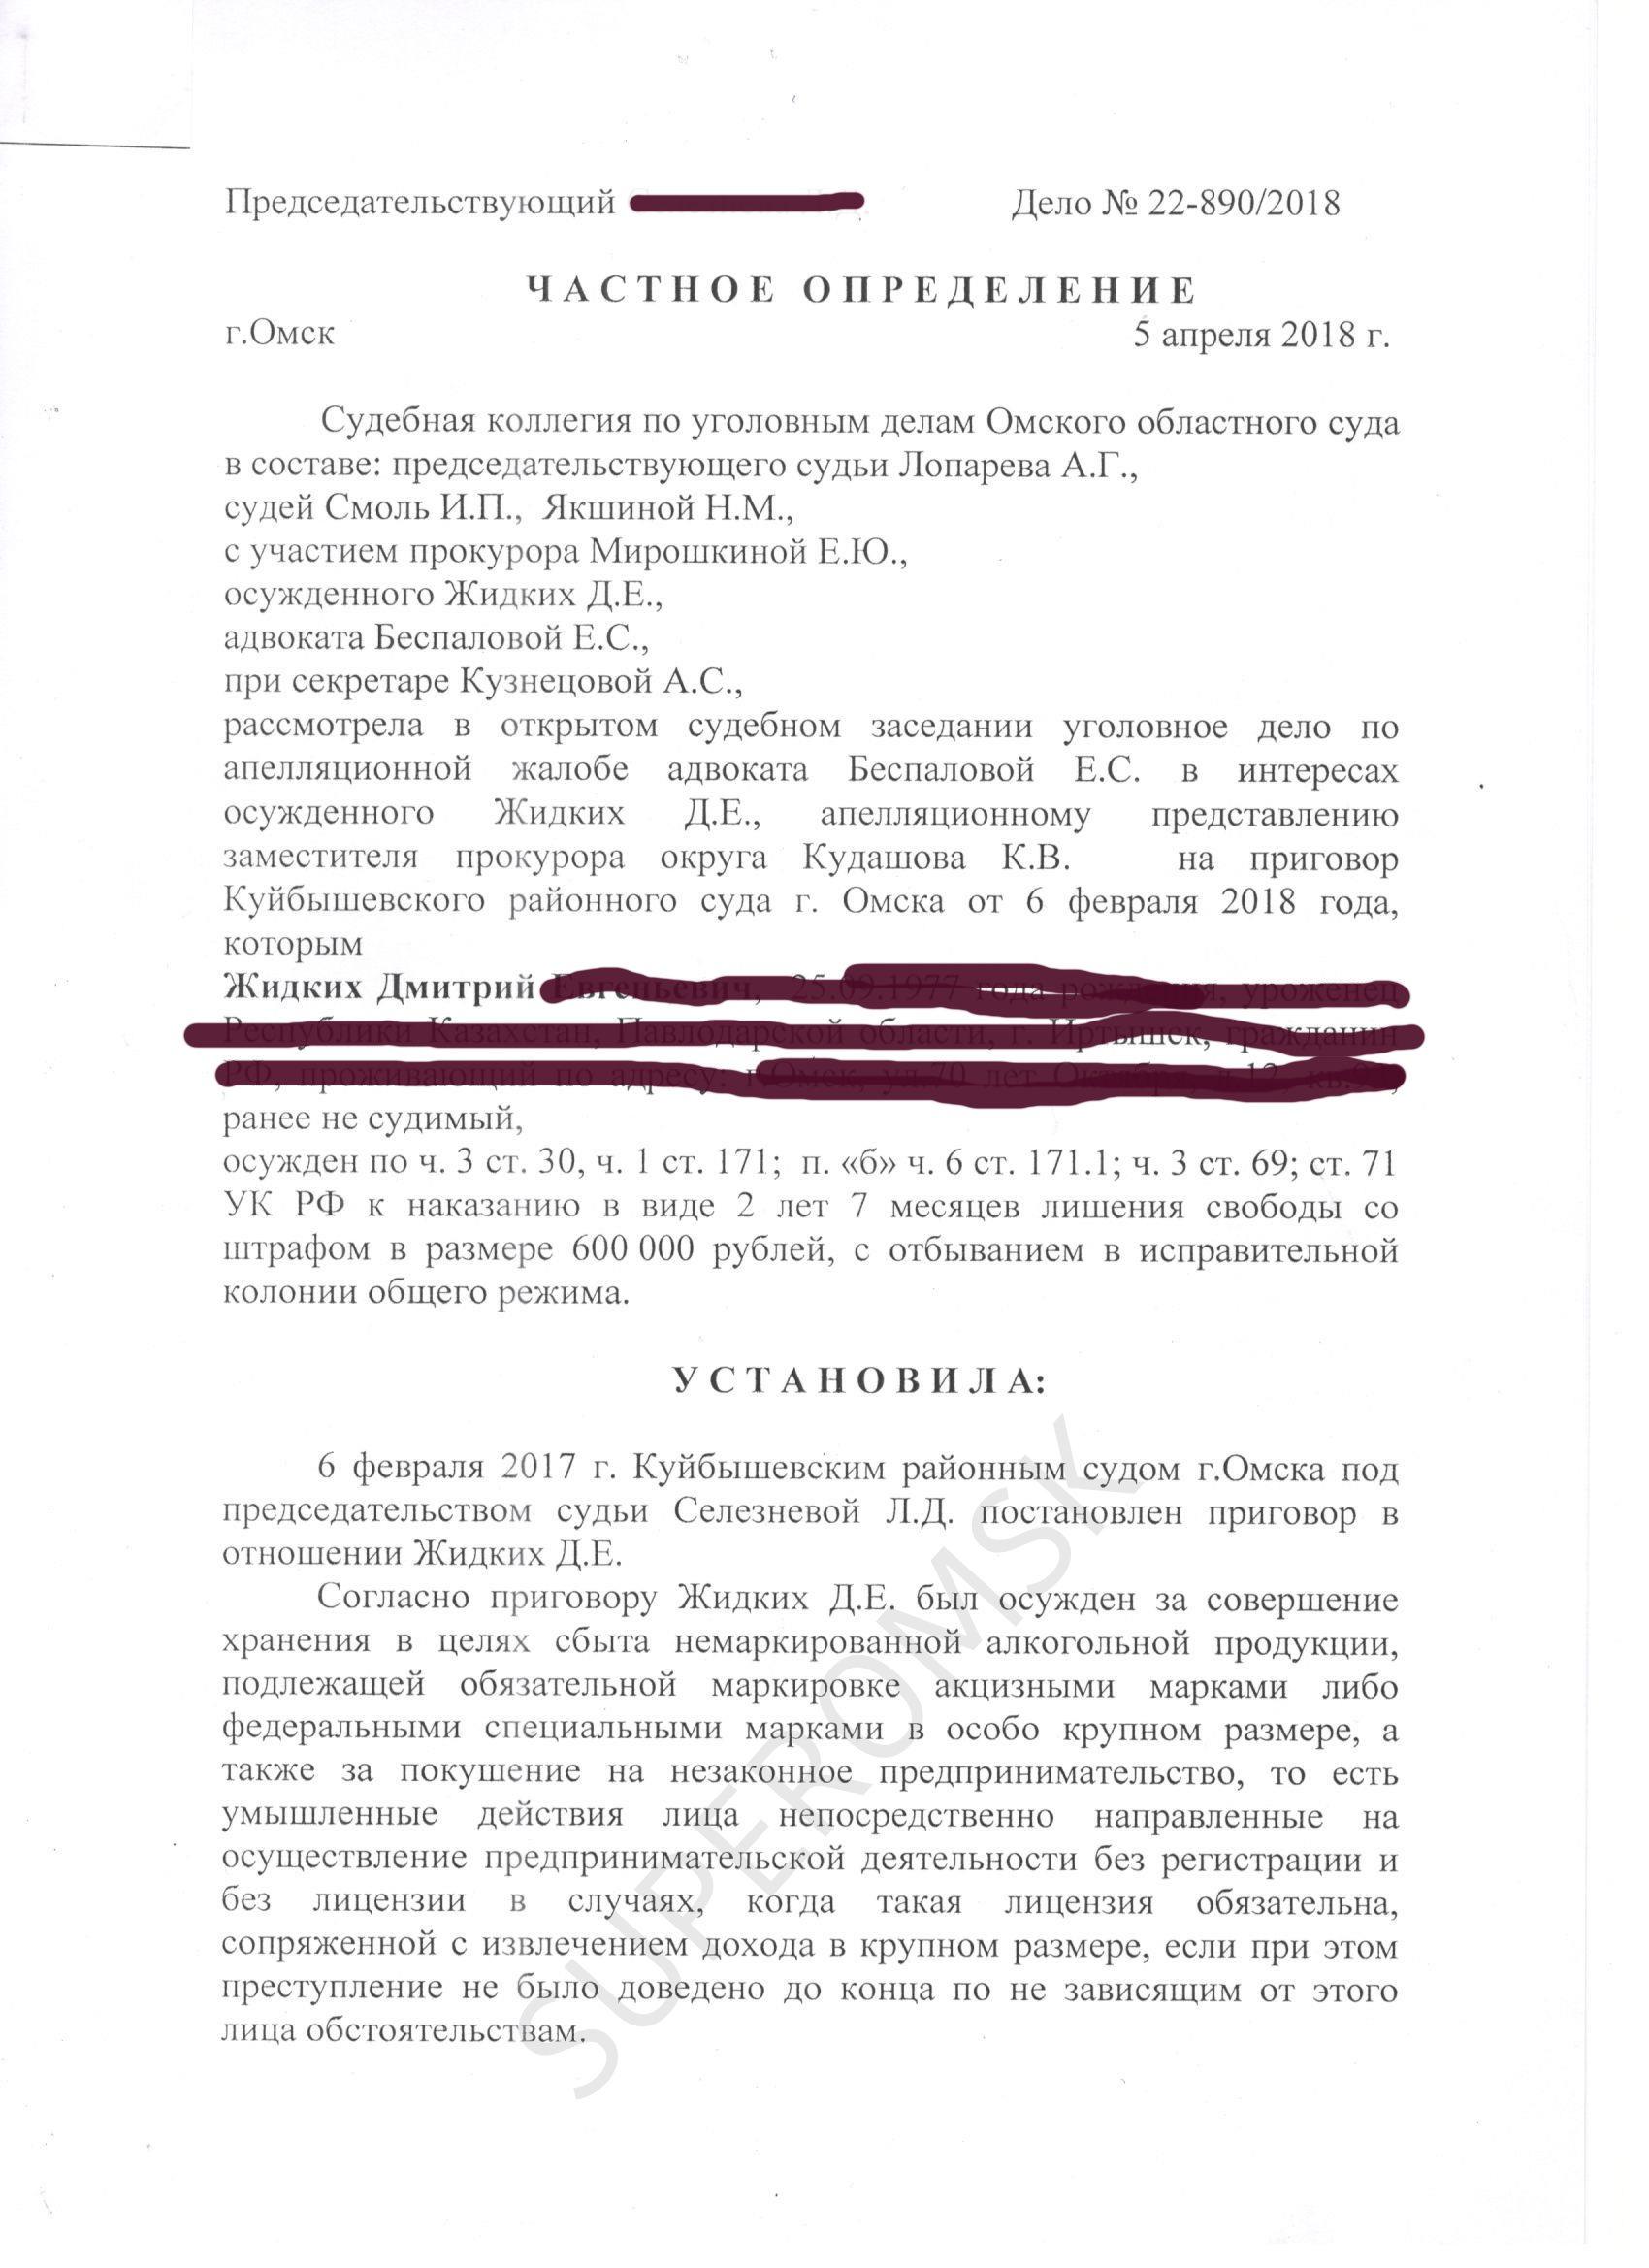 Жкх территория закона